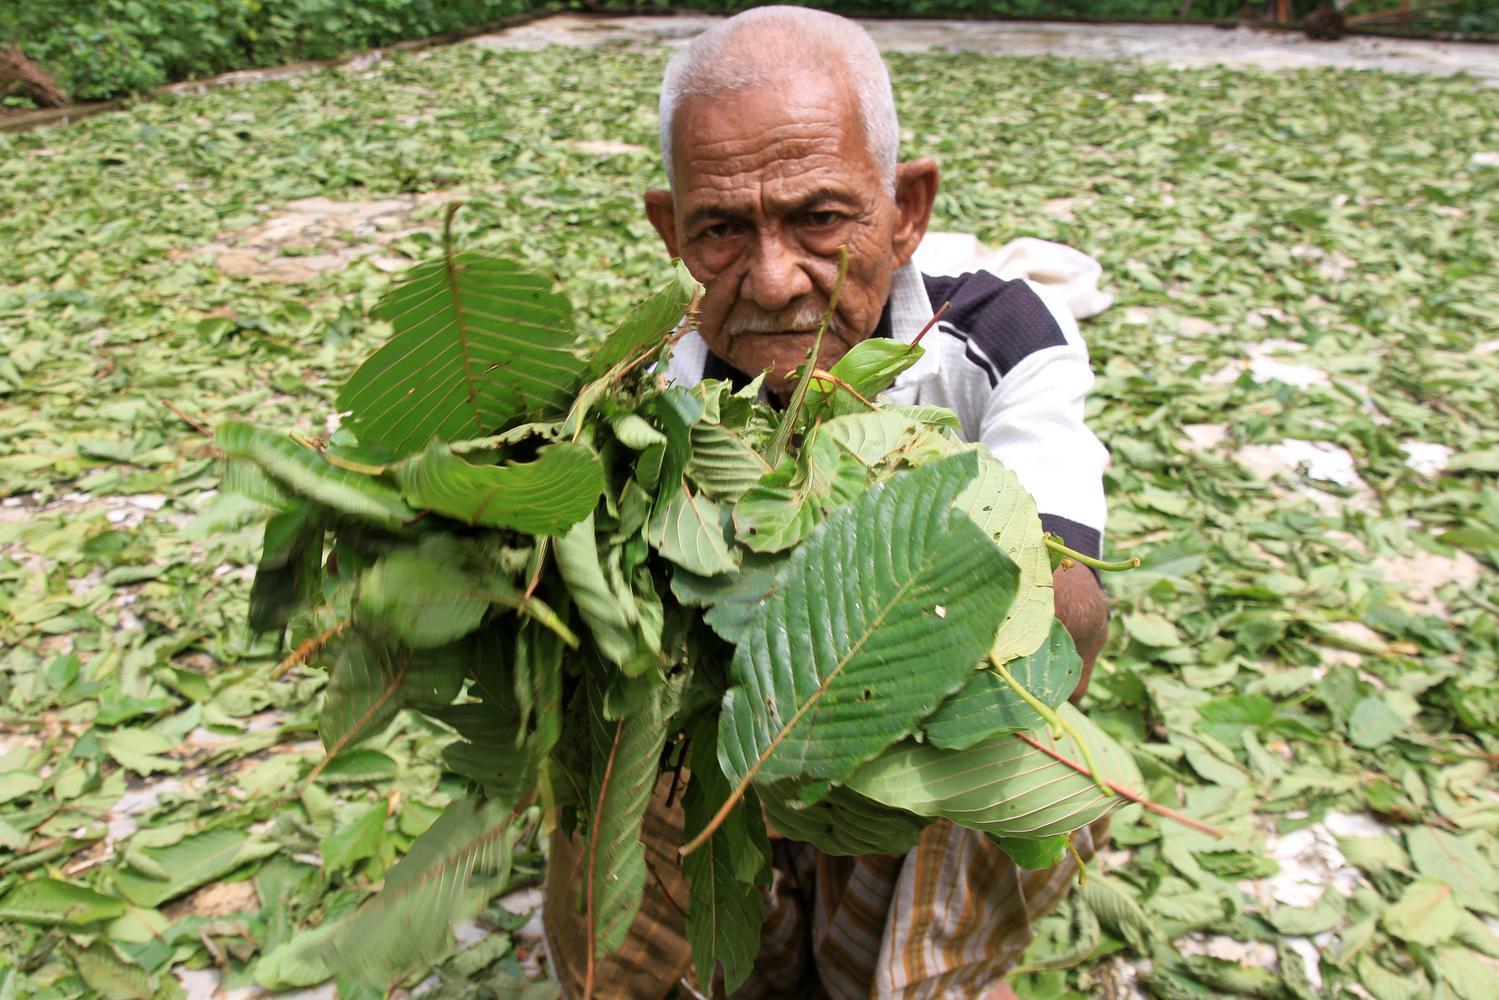 Seorang warga memperlihatkan daun pureng atau daun kratom (Mitragyna speciosa) saat proses penjemuran di kawasan Desa Simpang Peut, Kecamatan Arongan Lam Balek, Aceh Barat, Aceh, Sabtu (5/10/2019). Sejak beberapa bulan terakhir harga jual daun kratom naik